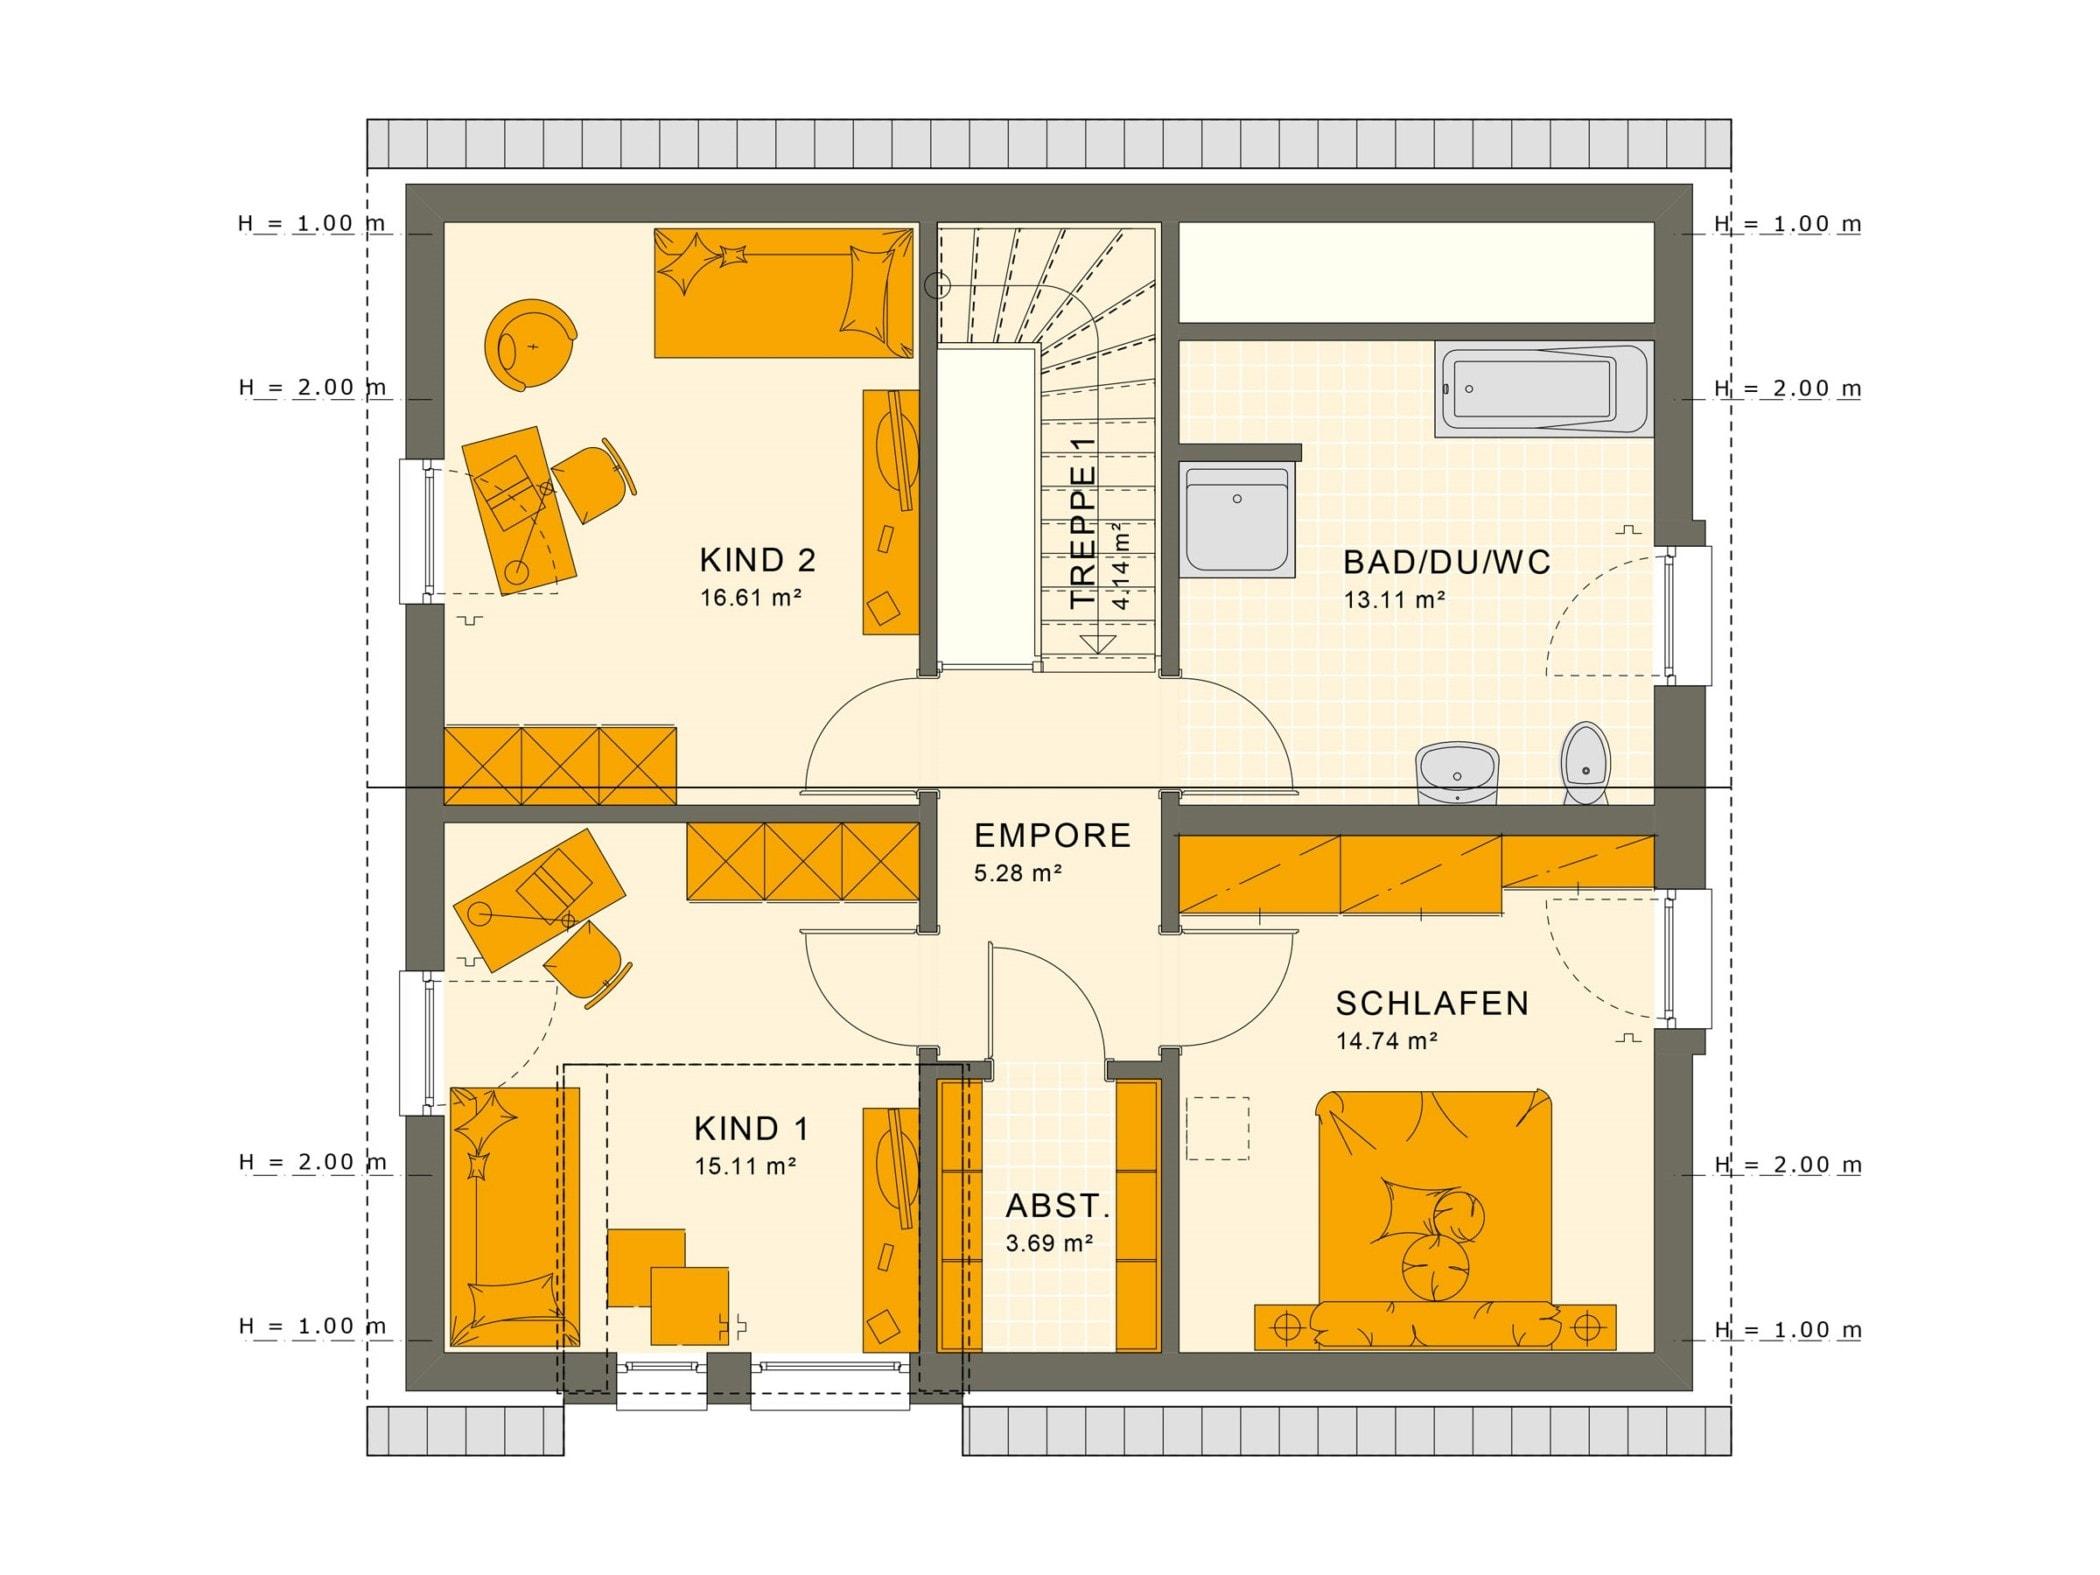 Fertighaus Grundriss Obergeschoss mit Satteldach, 5 Zimmer, 150 qm - Einfamilienhaus Living Haus SUNSHINE 151 V3 - HausbauDirekt.de